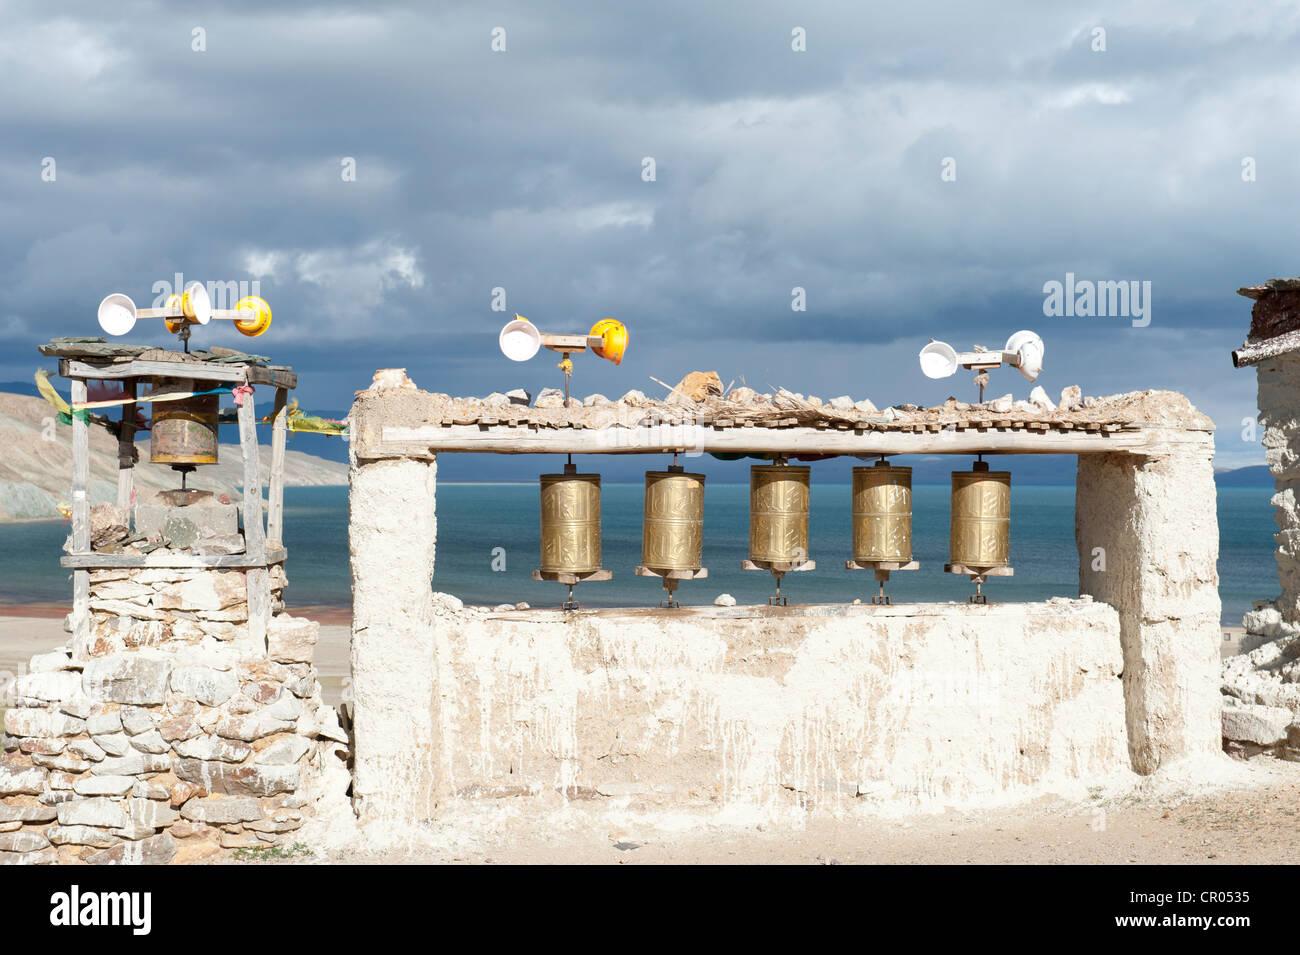 La energía eólica, ruedas de oración impulsados por el viento, Chiu Gompa Monasterio encima del Lago Imagen De Stock